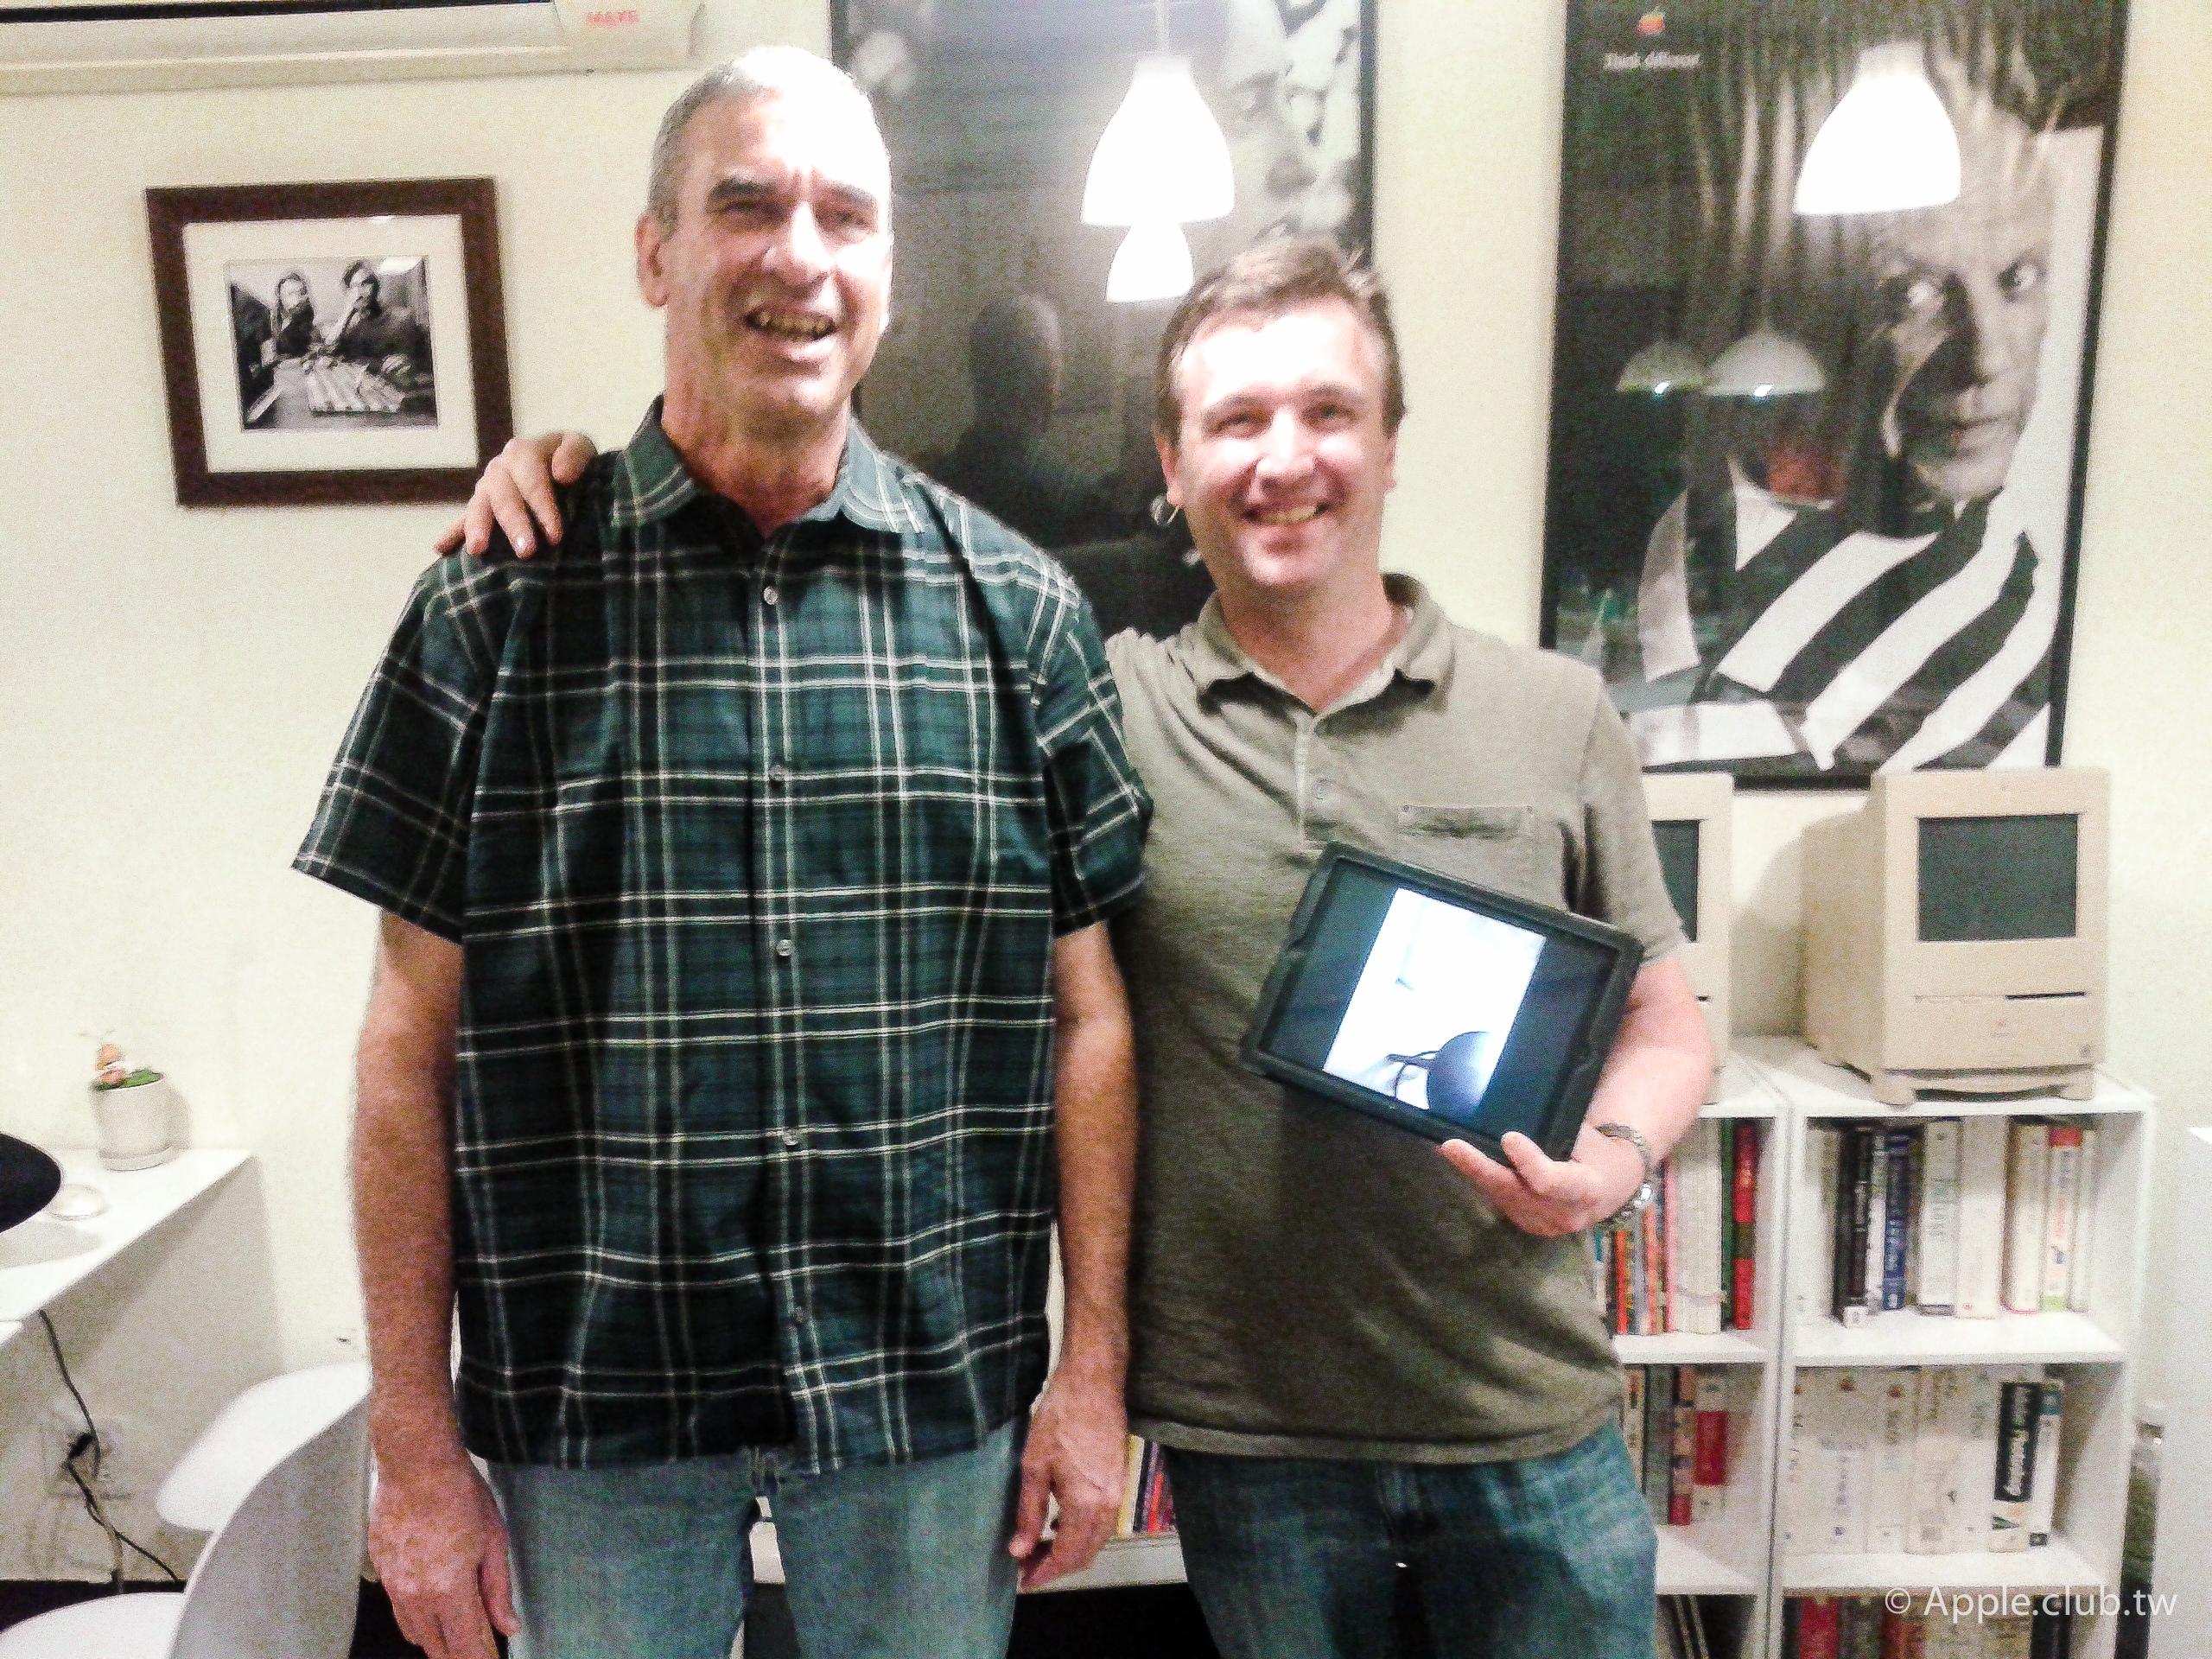 MR. CHRISTOPHER取件時很開心的與父親和iPad合影